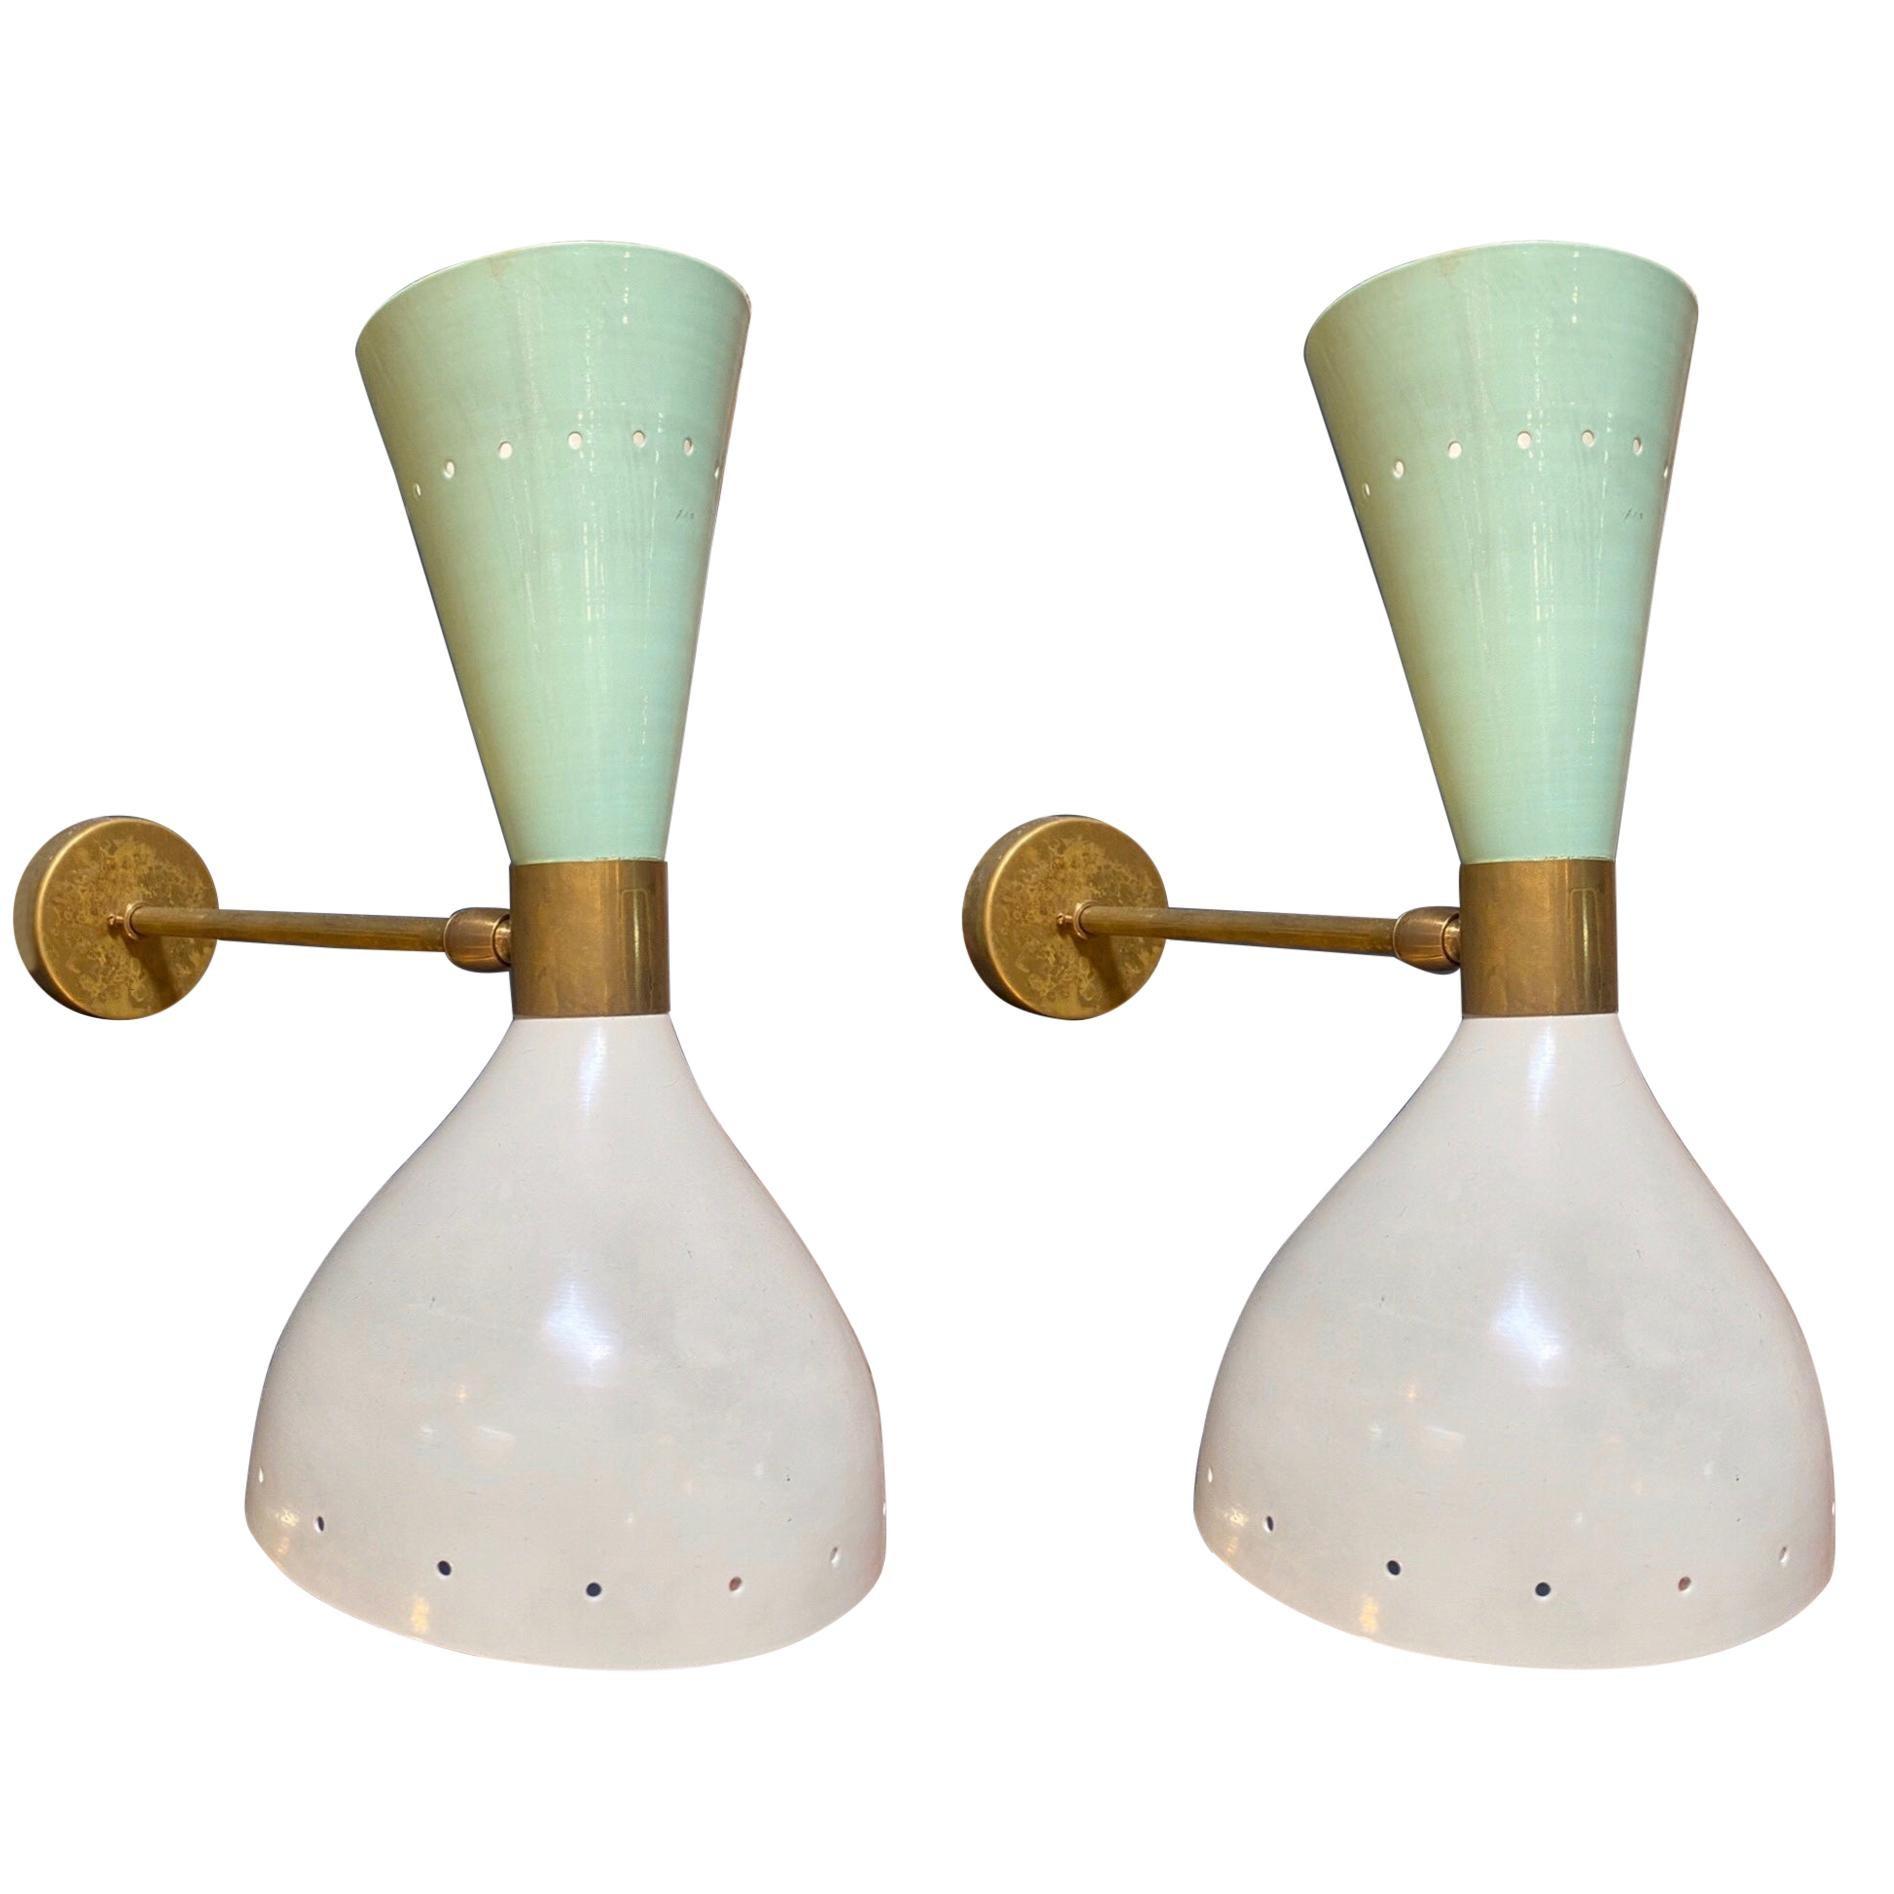 Stilnovo Style Sconces, Italy, 1960s